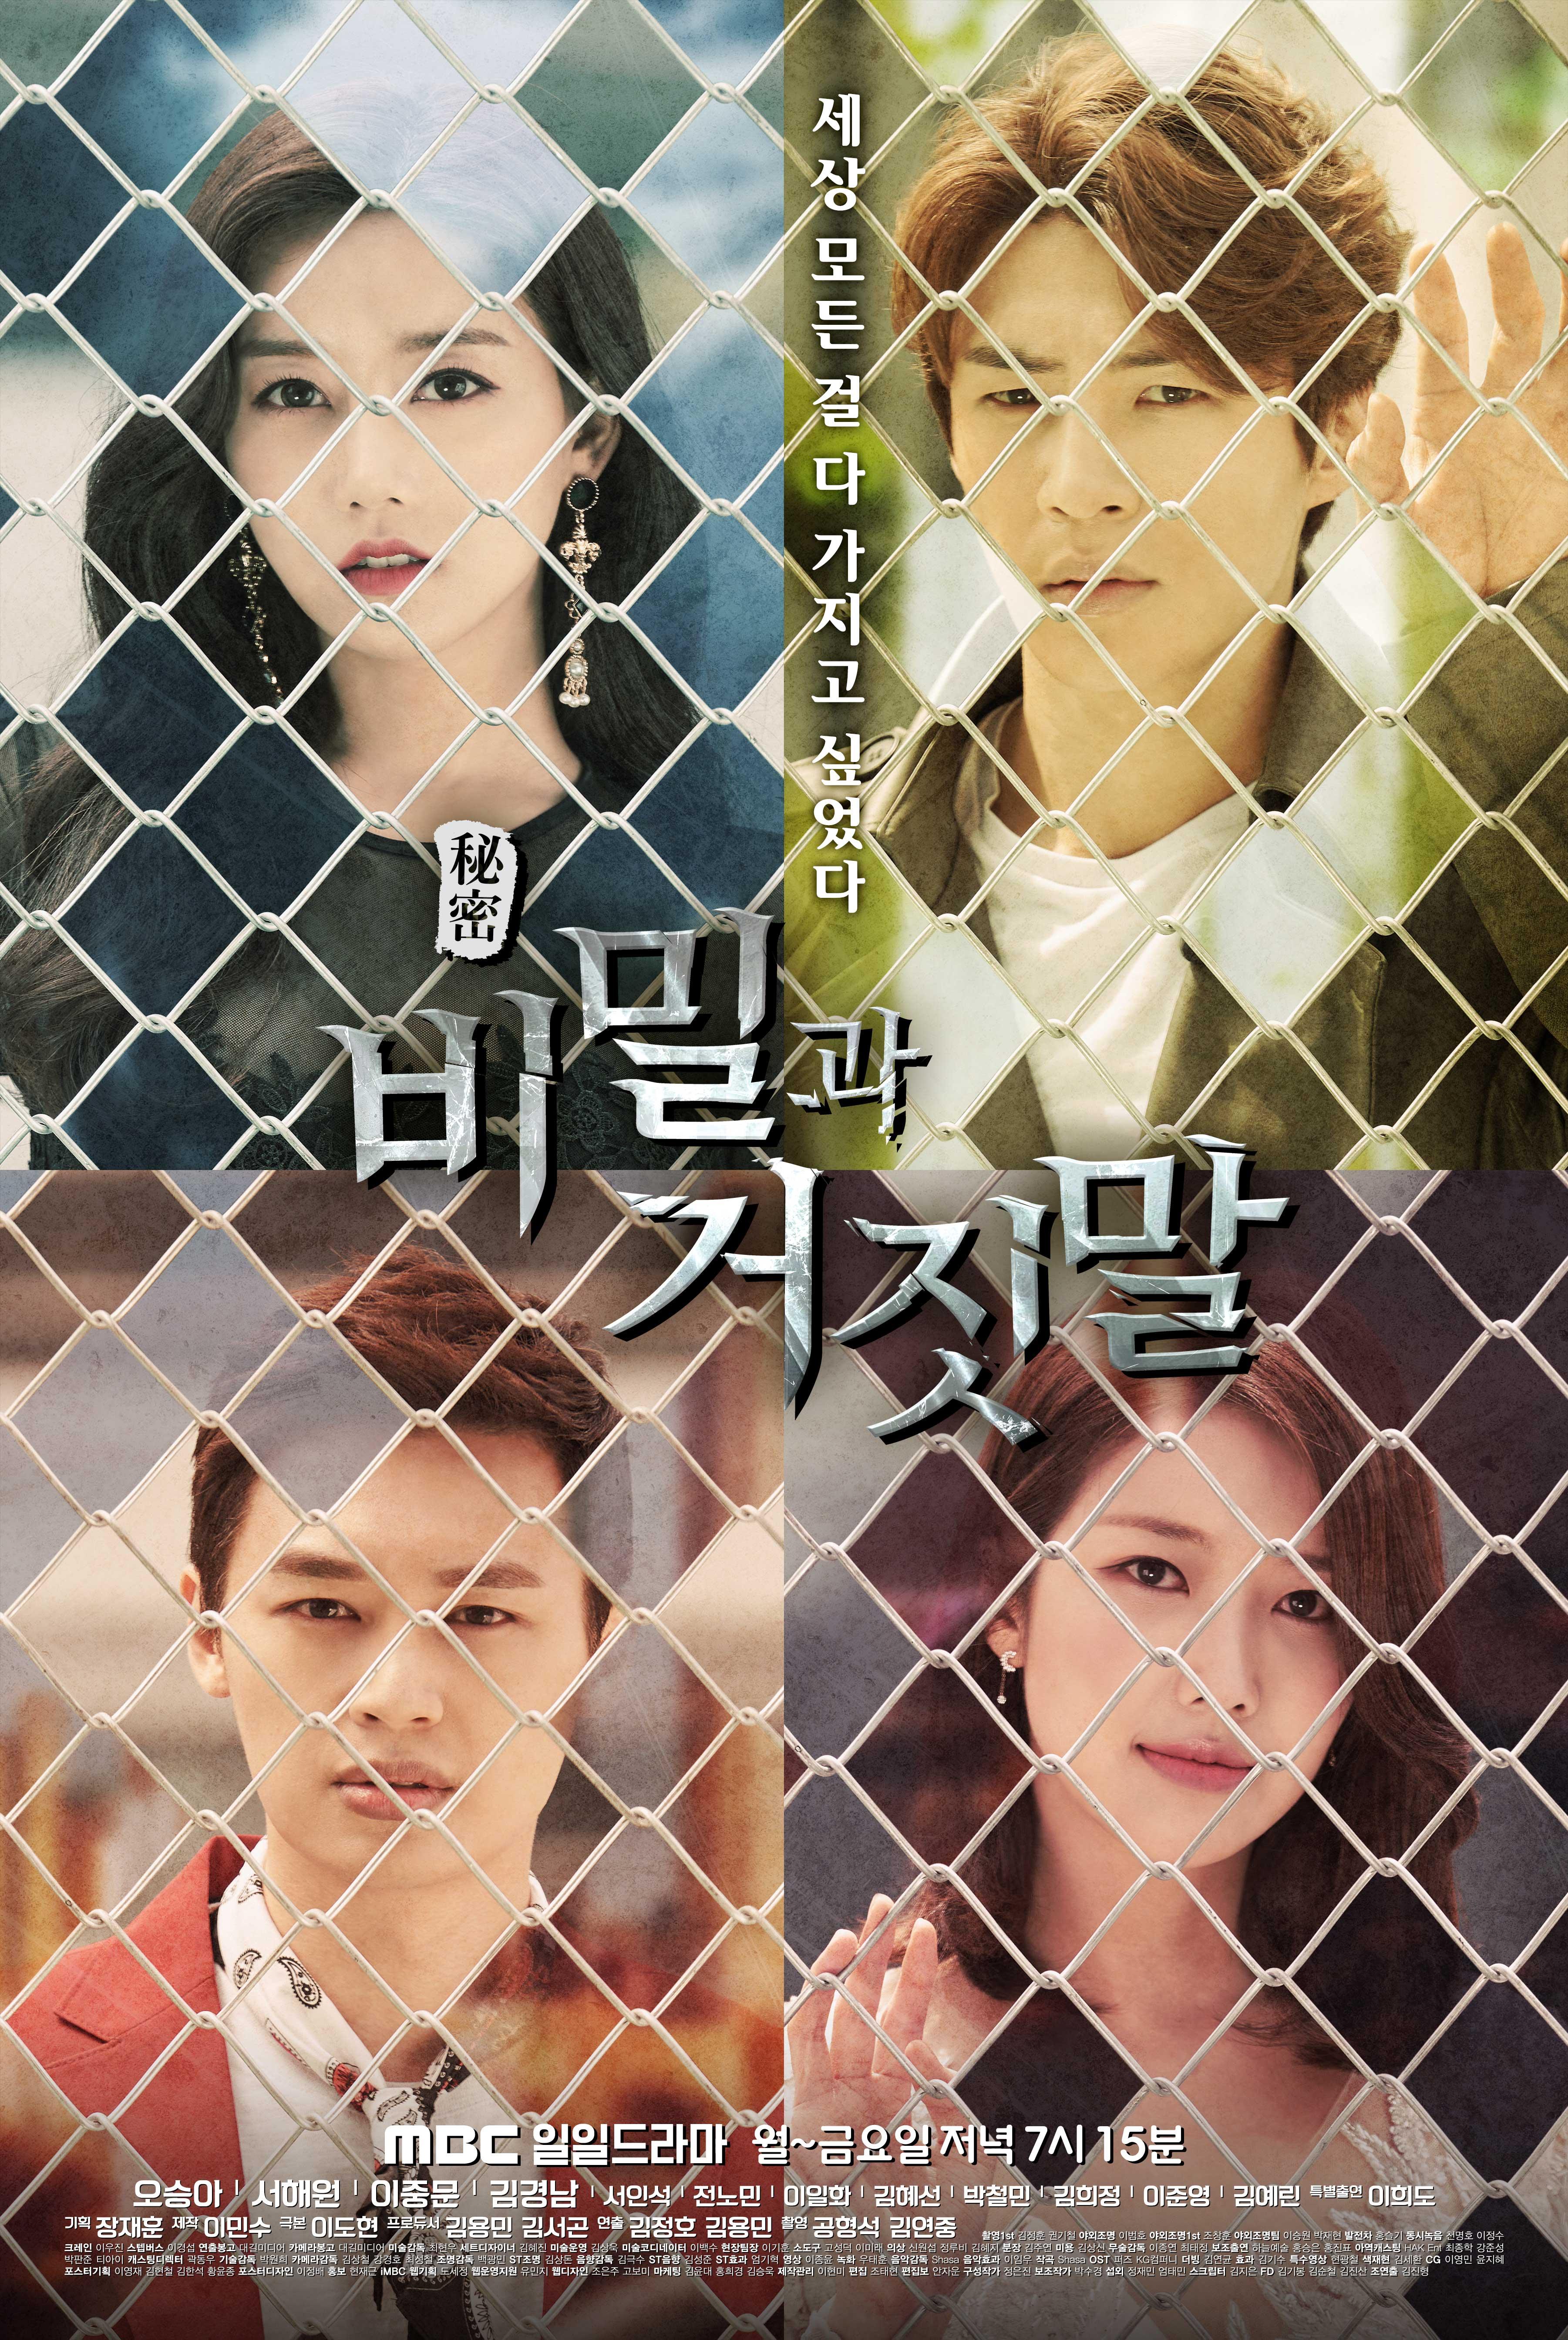 일일드라마 '비밀과 거짓말' MBC특집뉴스데스크 편성으로 10분 일찍 시청자 찾는다!